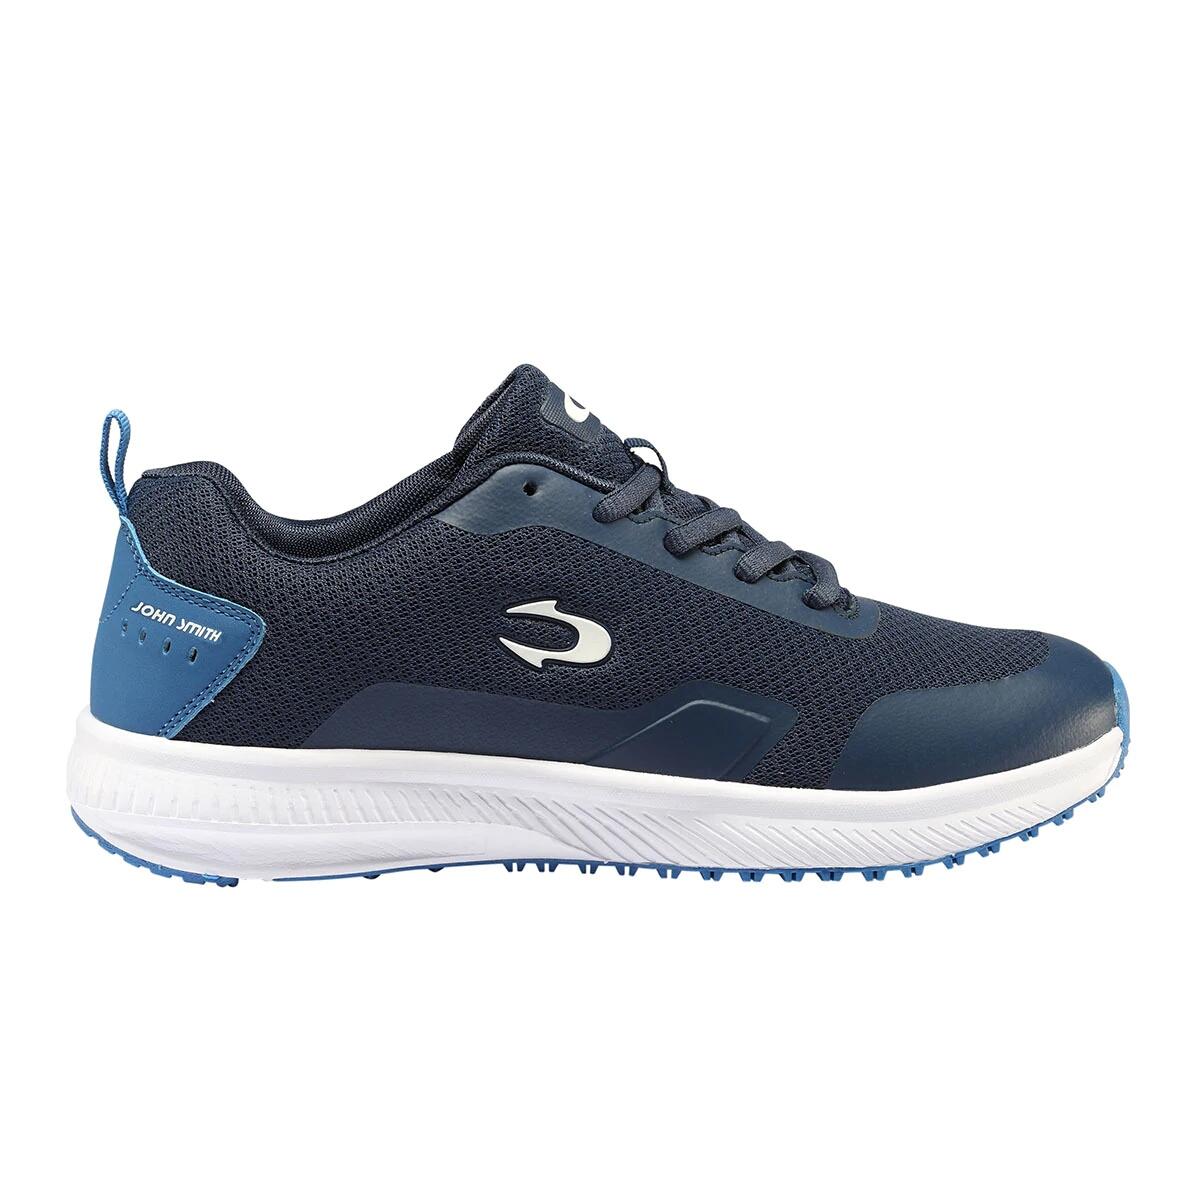 Zapatillas de running de hombre Rumin 20I John Smith